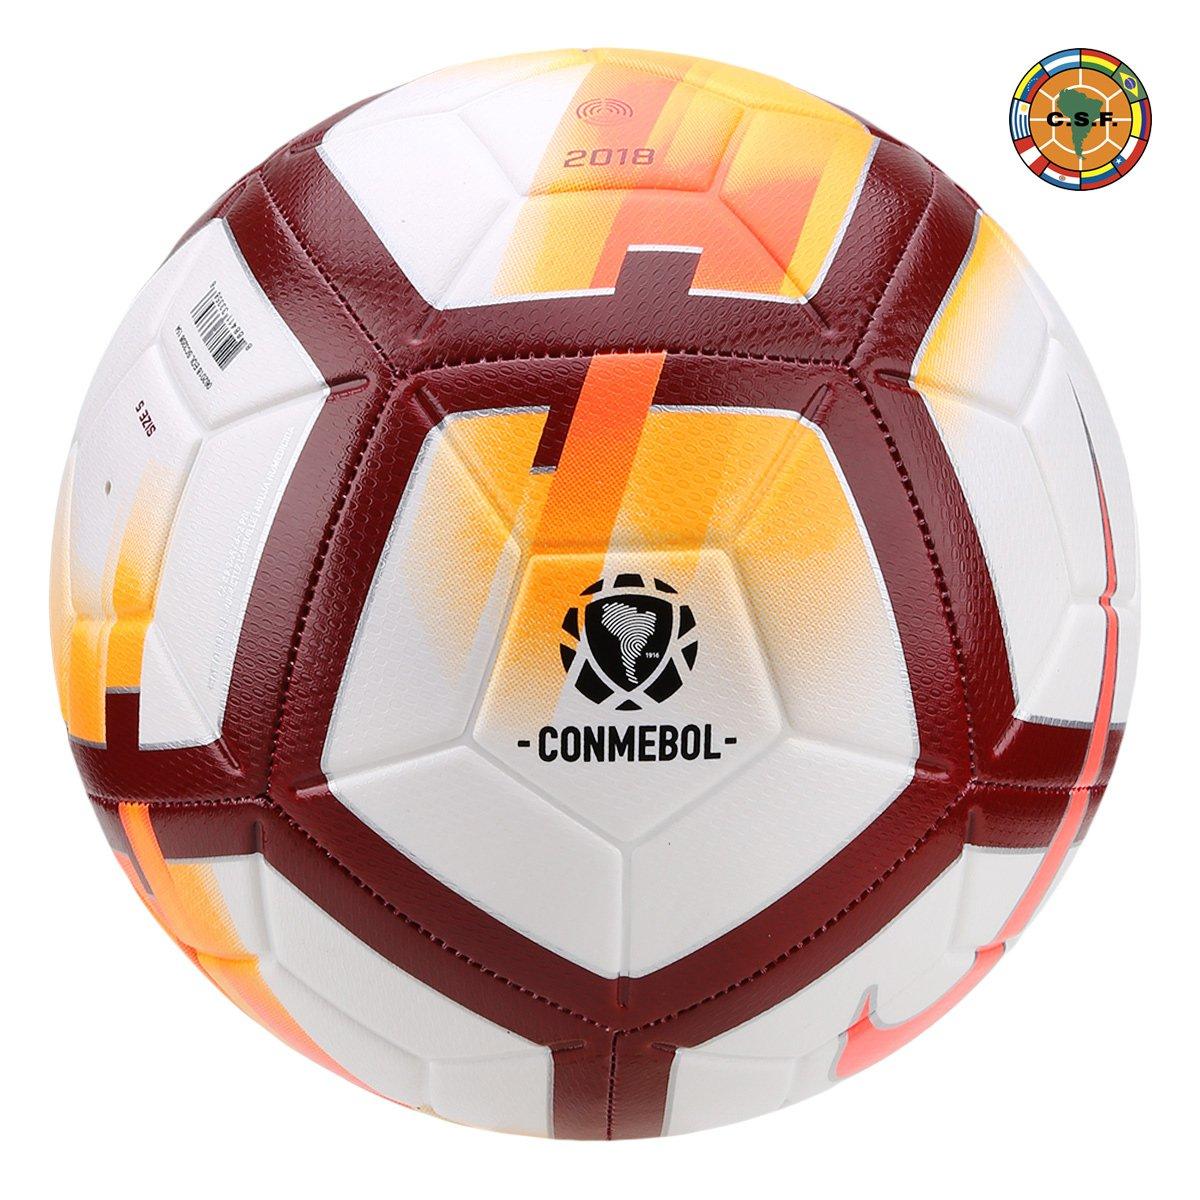 Bola de Futebol Campo Nike CONMEBOL CSF Strike - Compre Agora  f7f6fb72f4d45